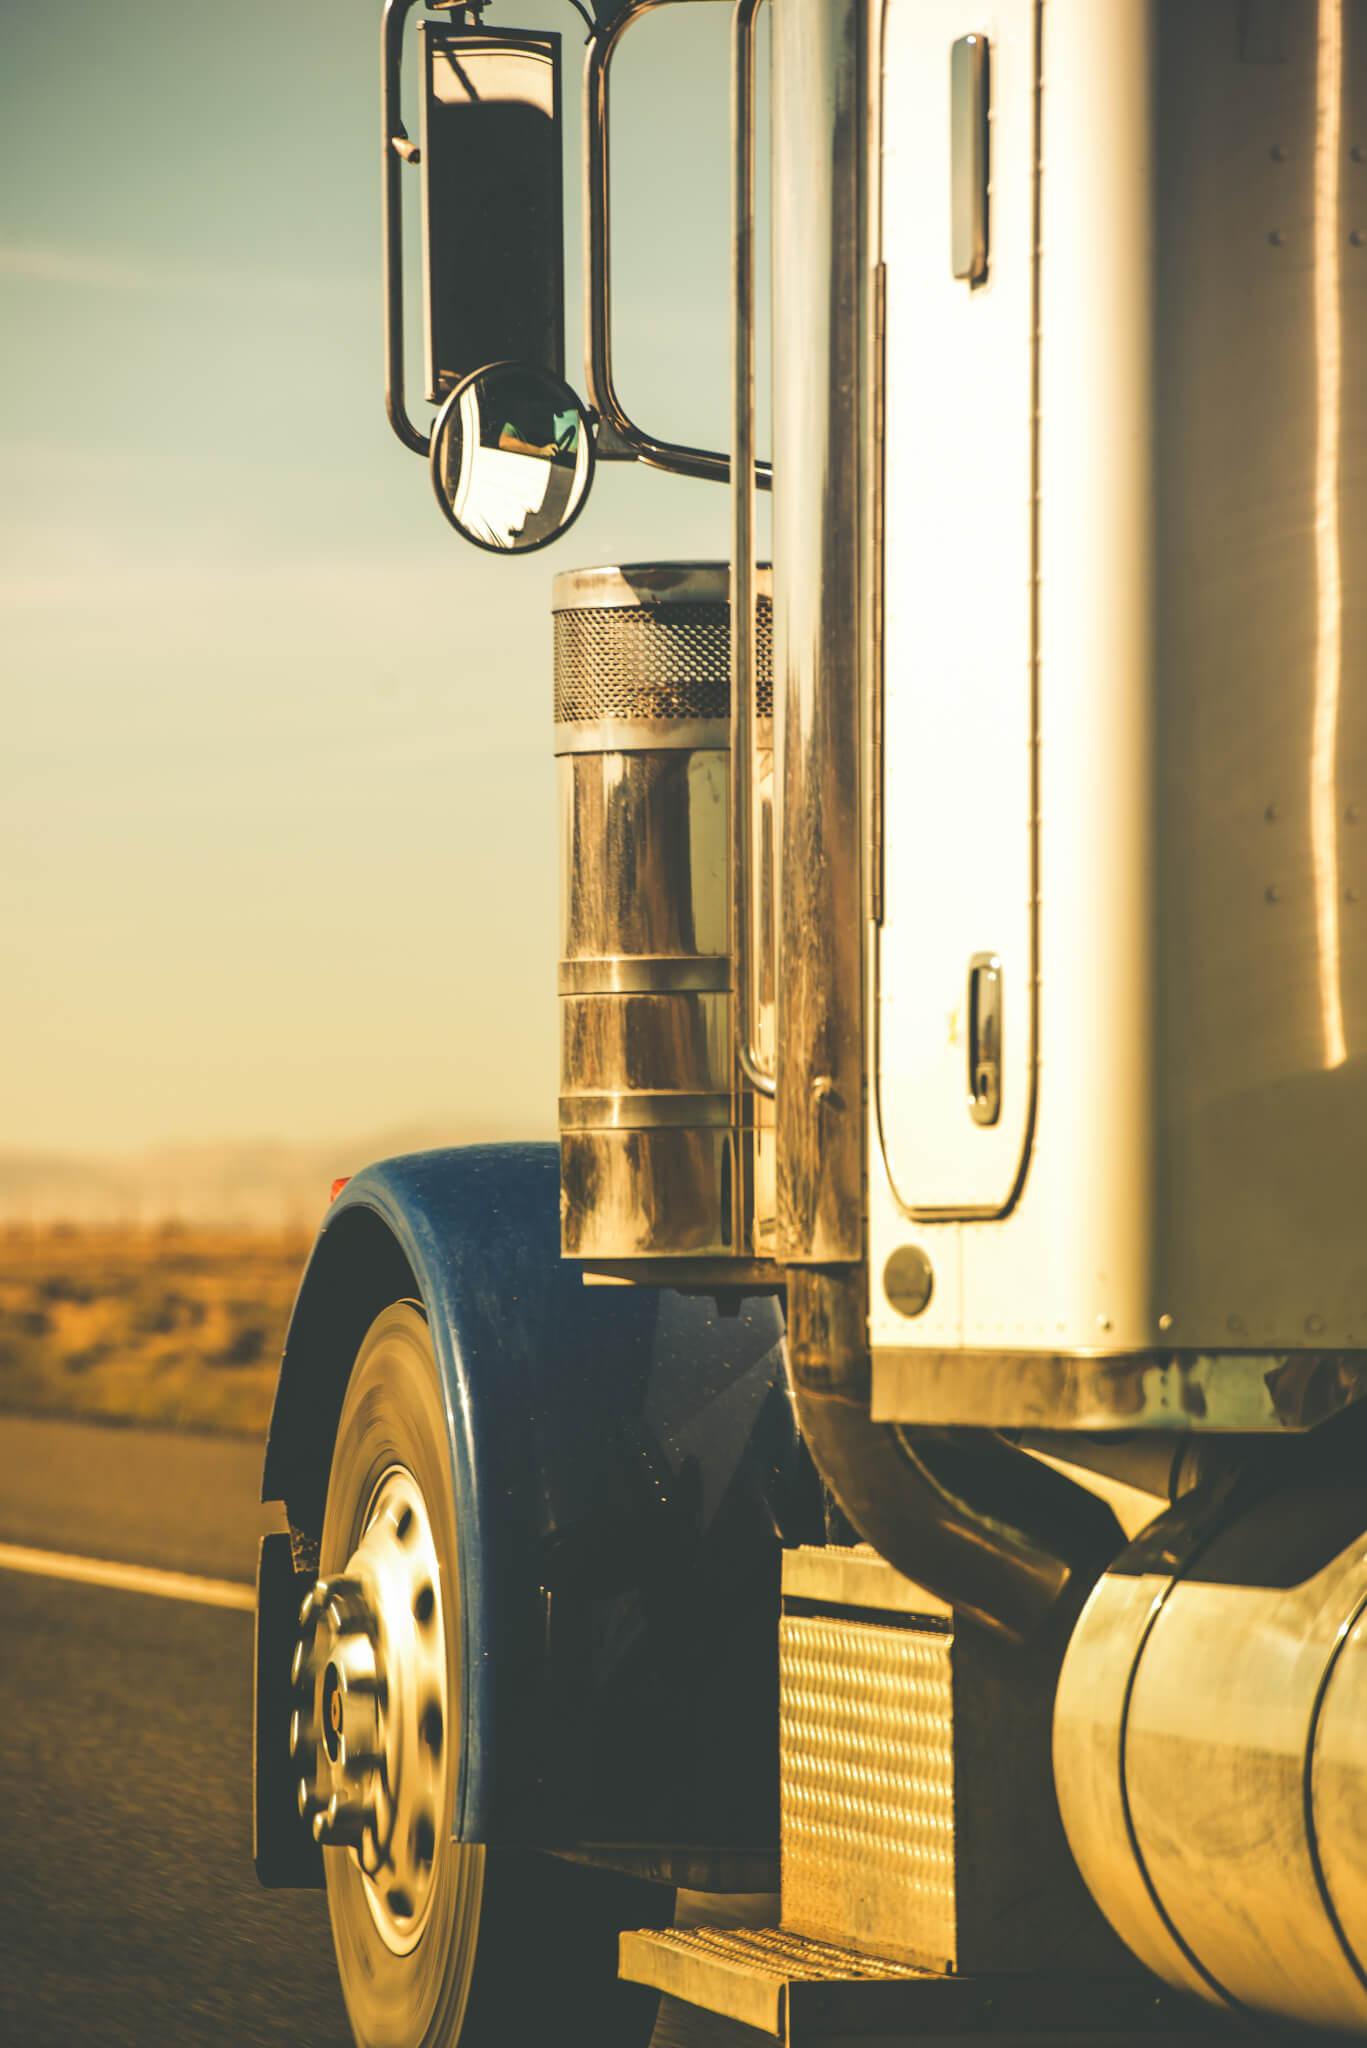 Semi Truck Tractor Pre-Trip